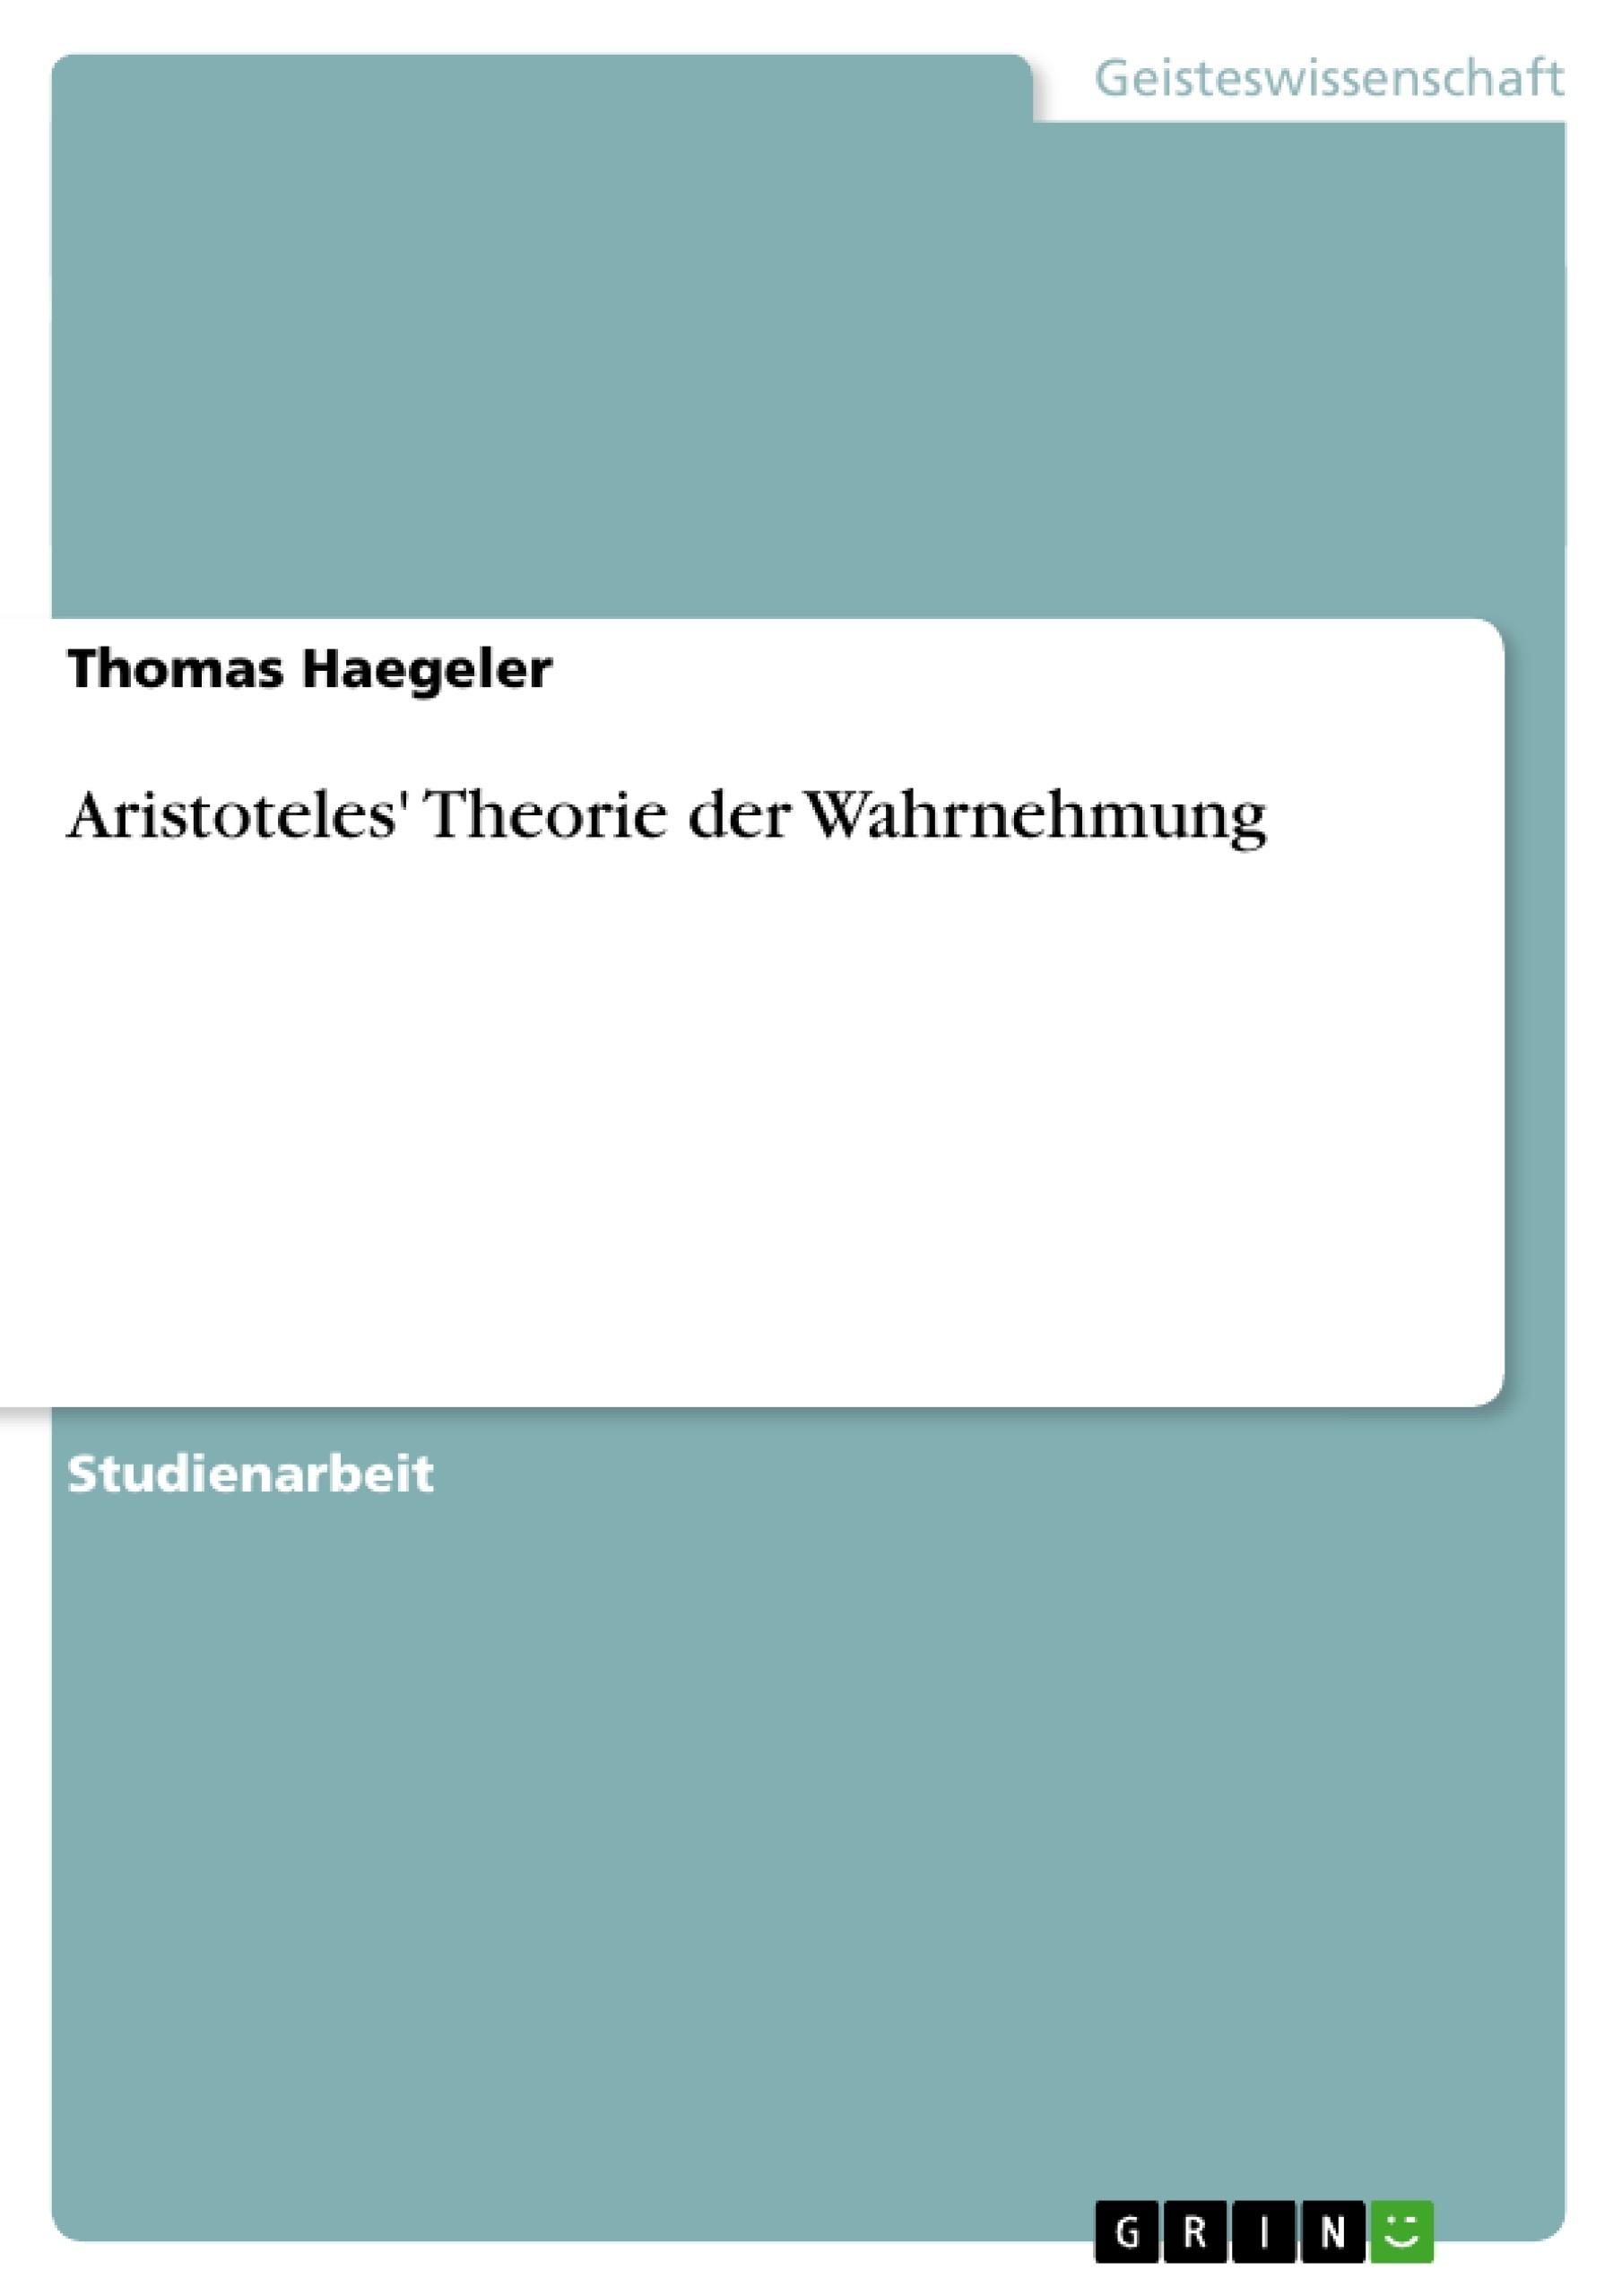 Titel: Aristoteles' Theorie der Wahrnehmung